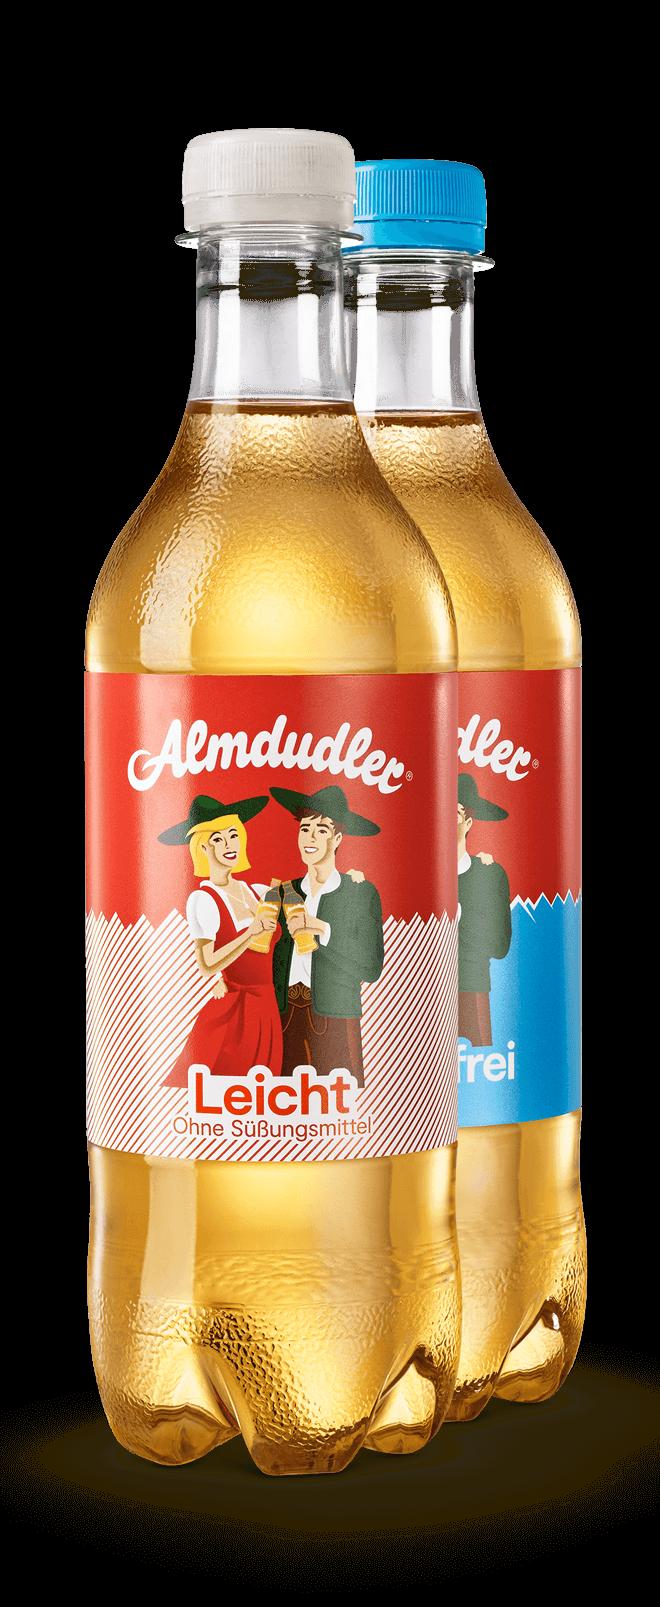 seit beliebteste AlmdudlerÖsterreichs 1957 Kräuterlimonade Kräuterlimonade seit AlmdudlerÖsterreichs beliebteste oredCWxB